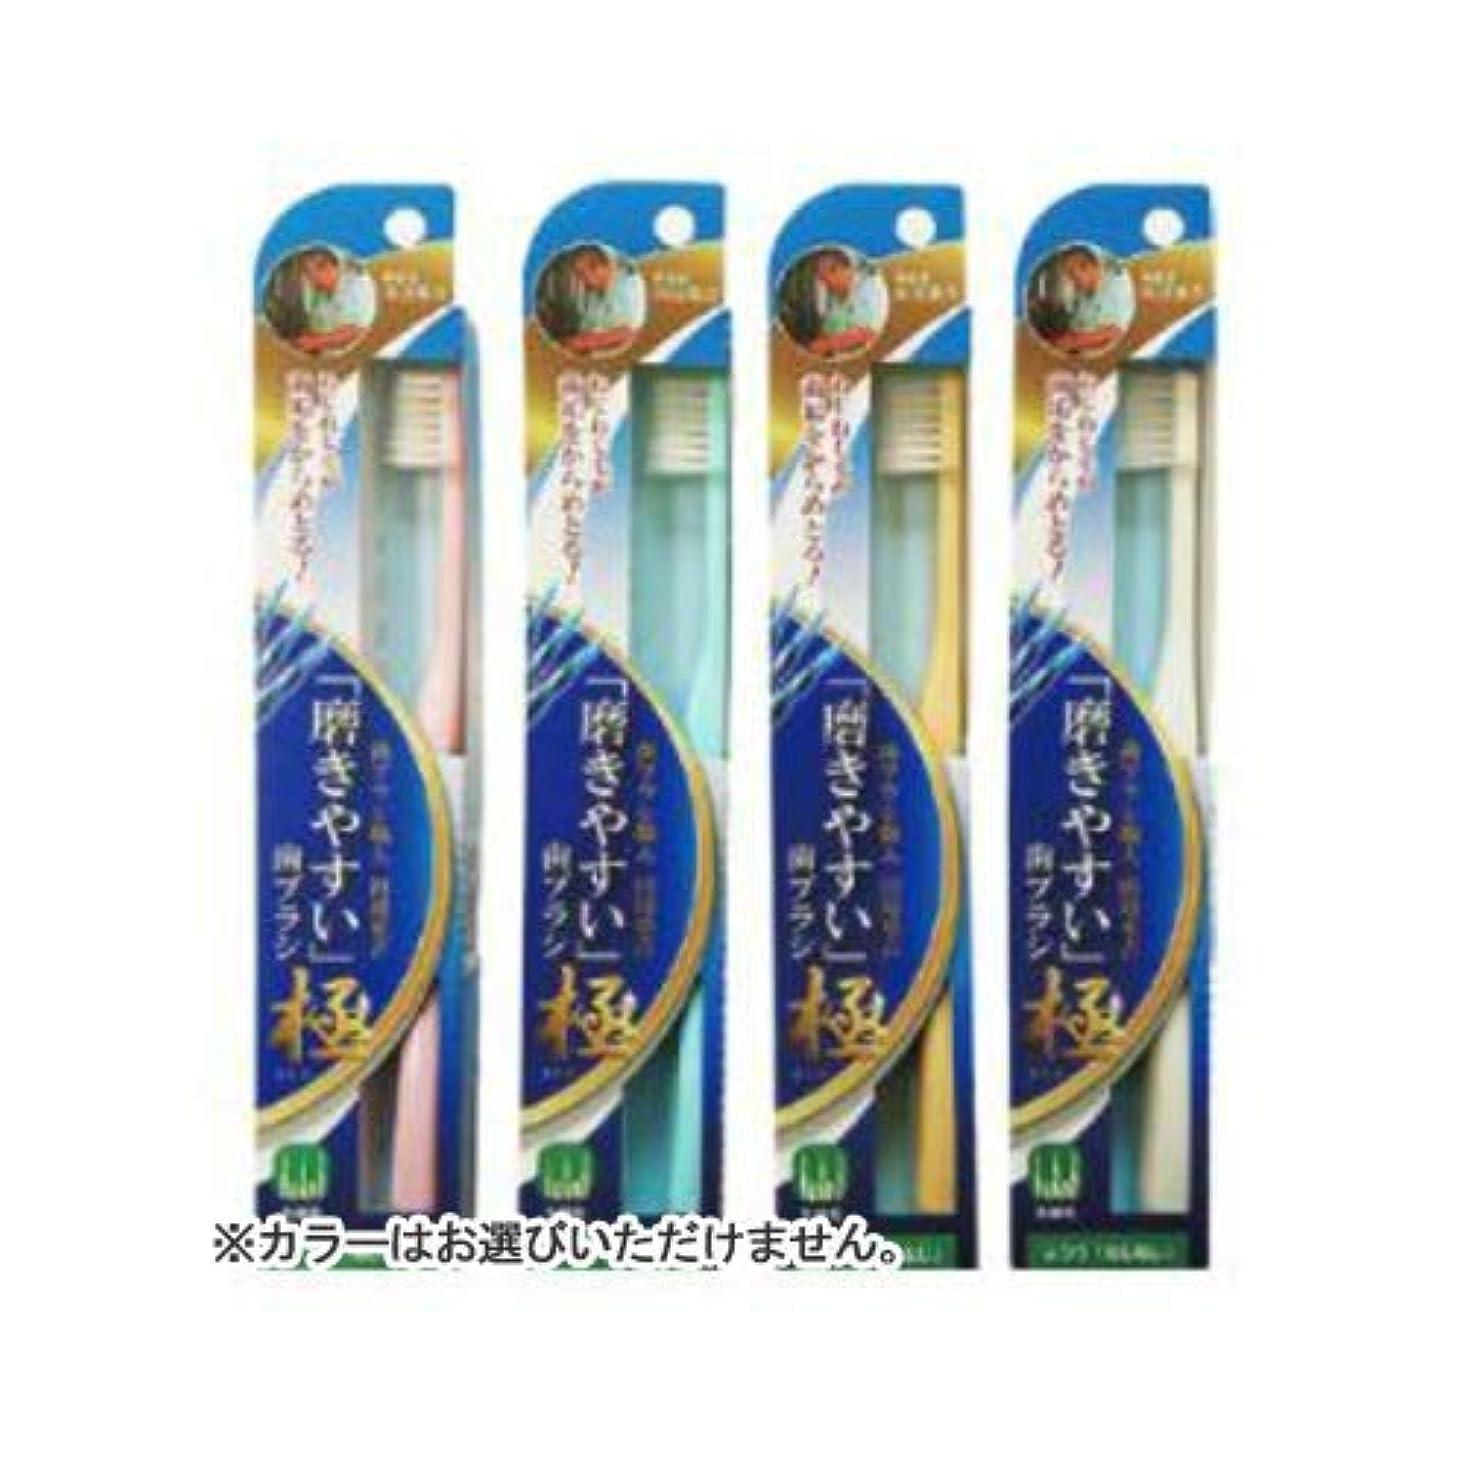 生まれ不愉快に分泌するLT-45磨きやすい歯ブラシ極 ねじねじ × 480個セット